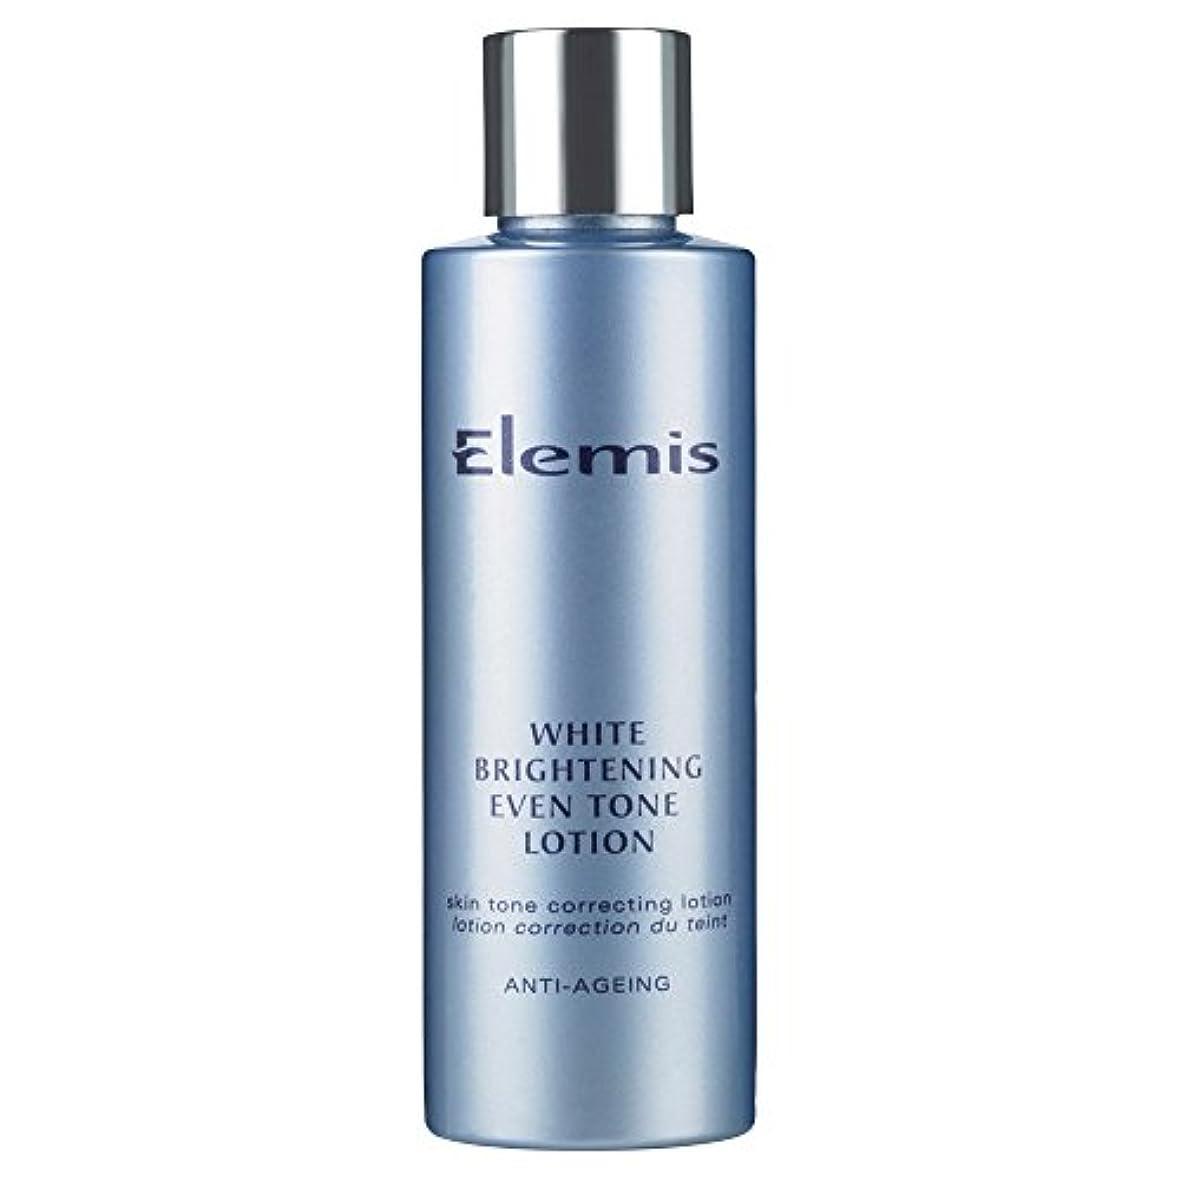 血統意図目覚めるエレミス白い光沢さえトーンローション150ミリリットル (Elemis) - Elemis White Brightening Even Tone Lotion 150ml [並行輸入品]